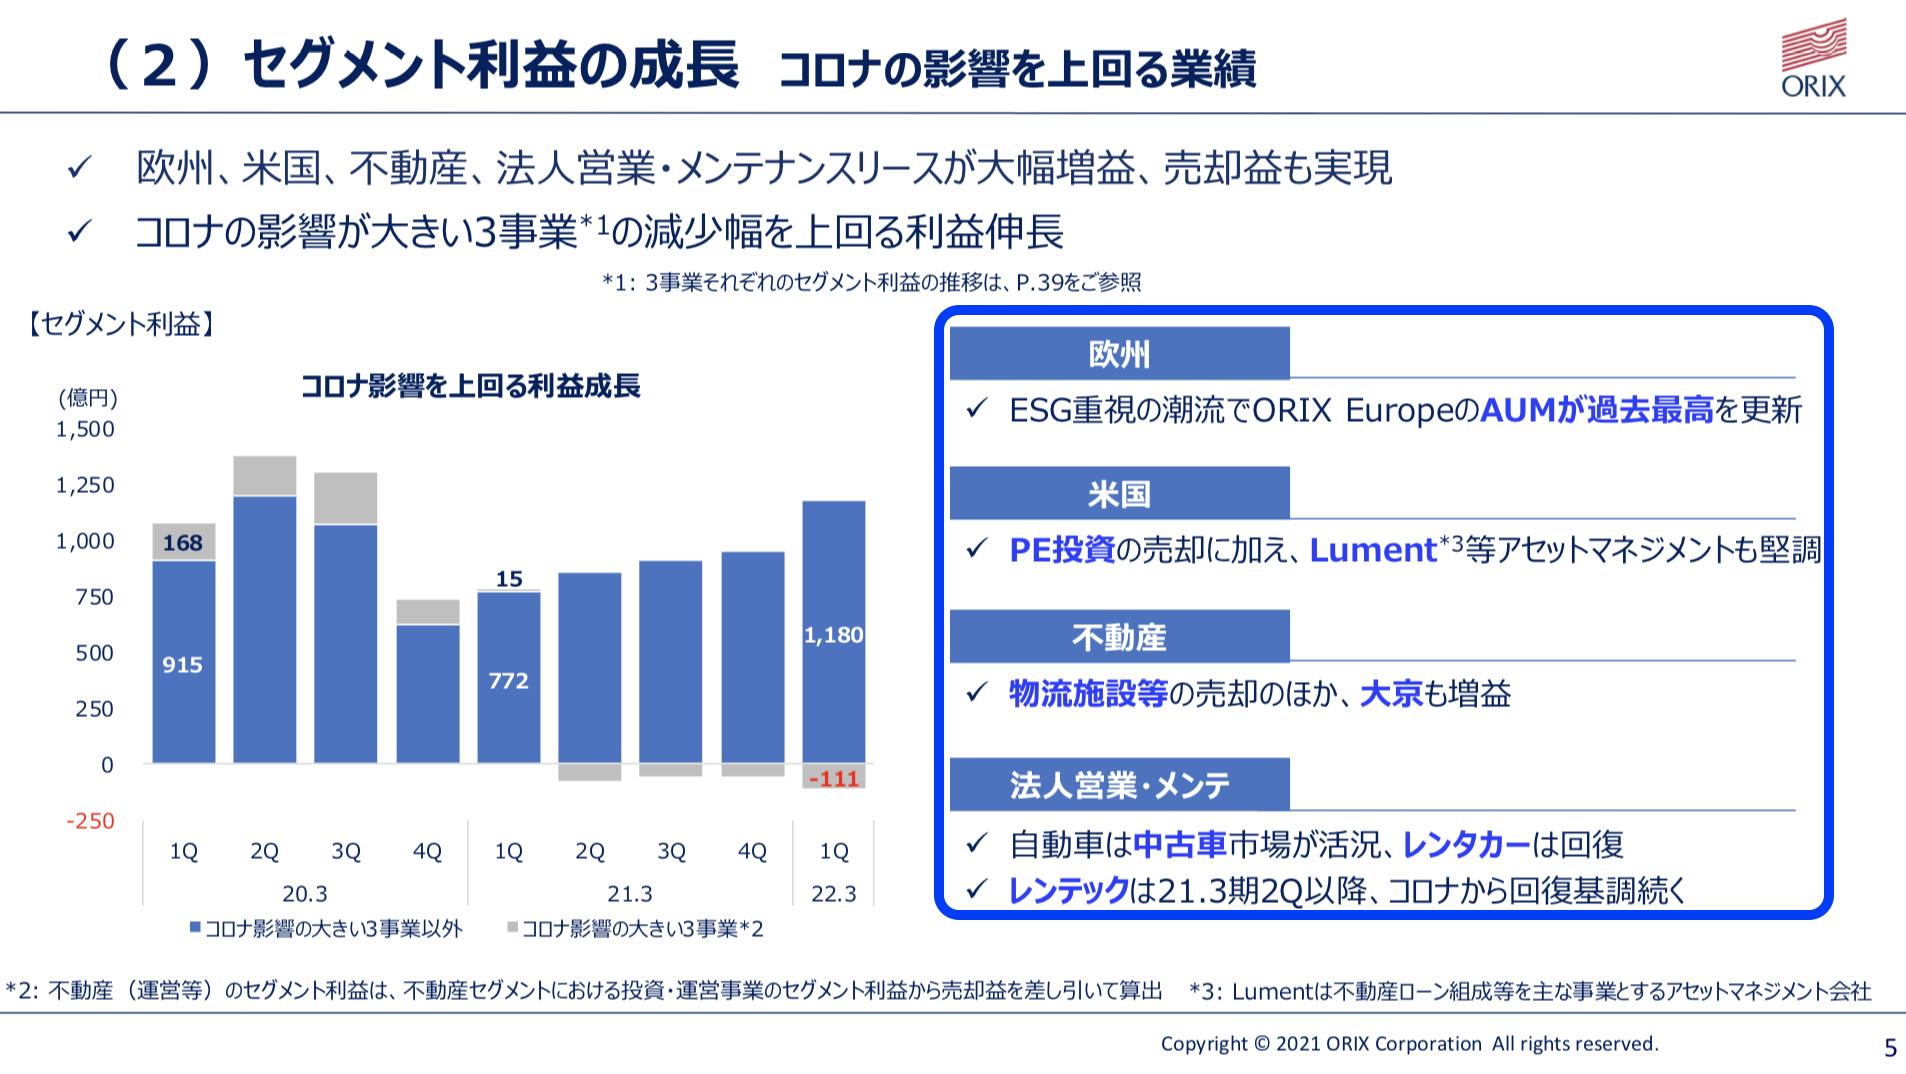 オリックス 2021年度1Q決算を徹底解説! さとり世代の株日記 資産運用 株 投資 資産形成